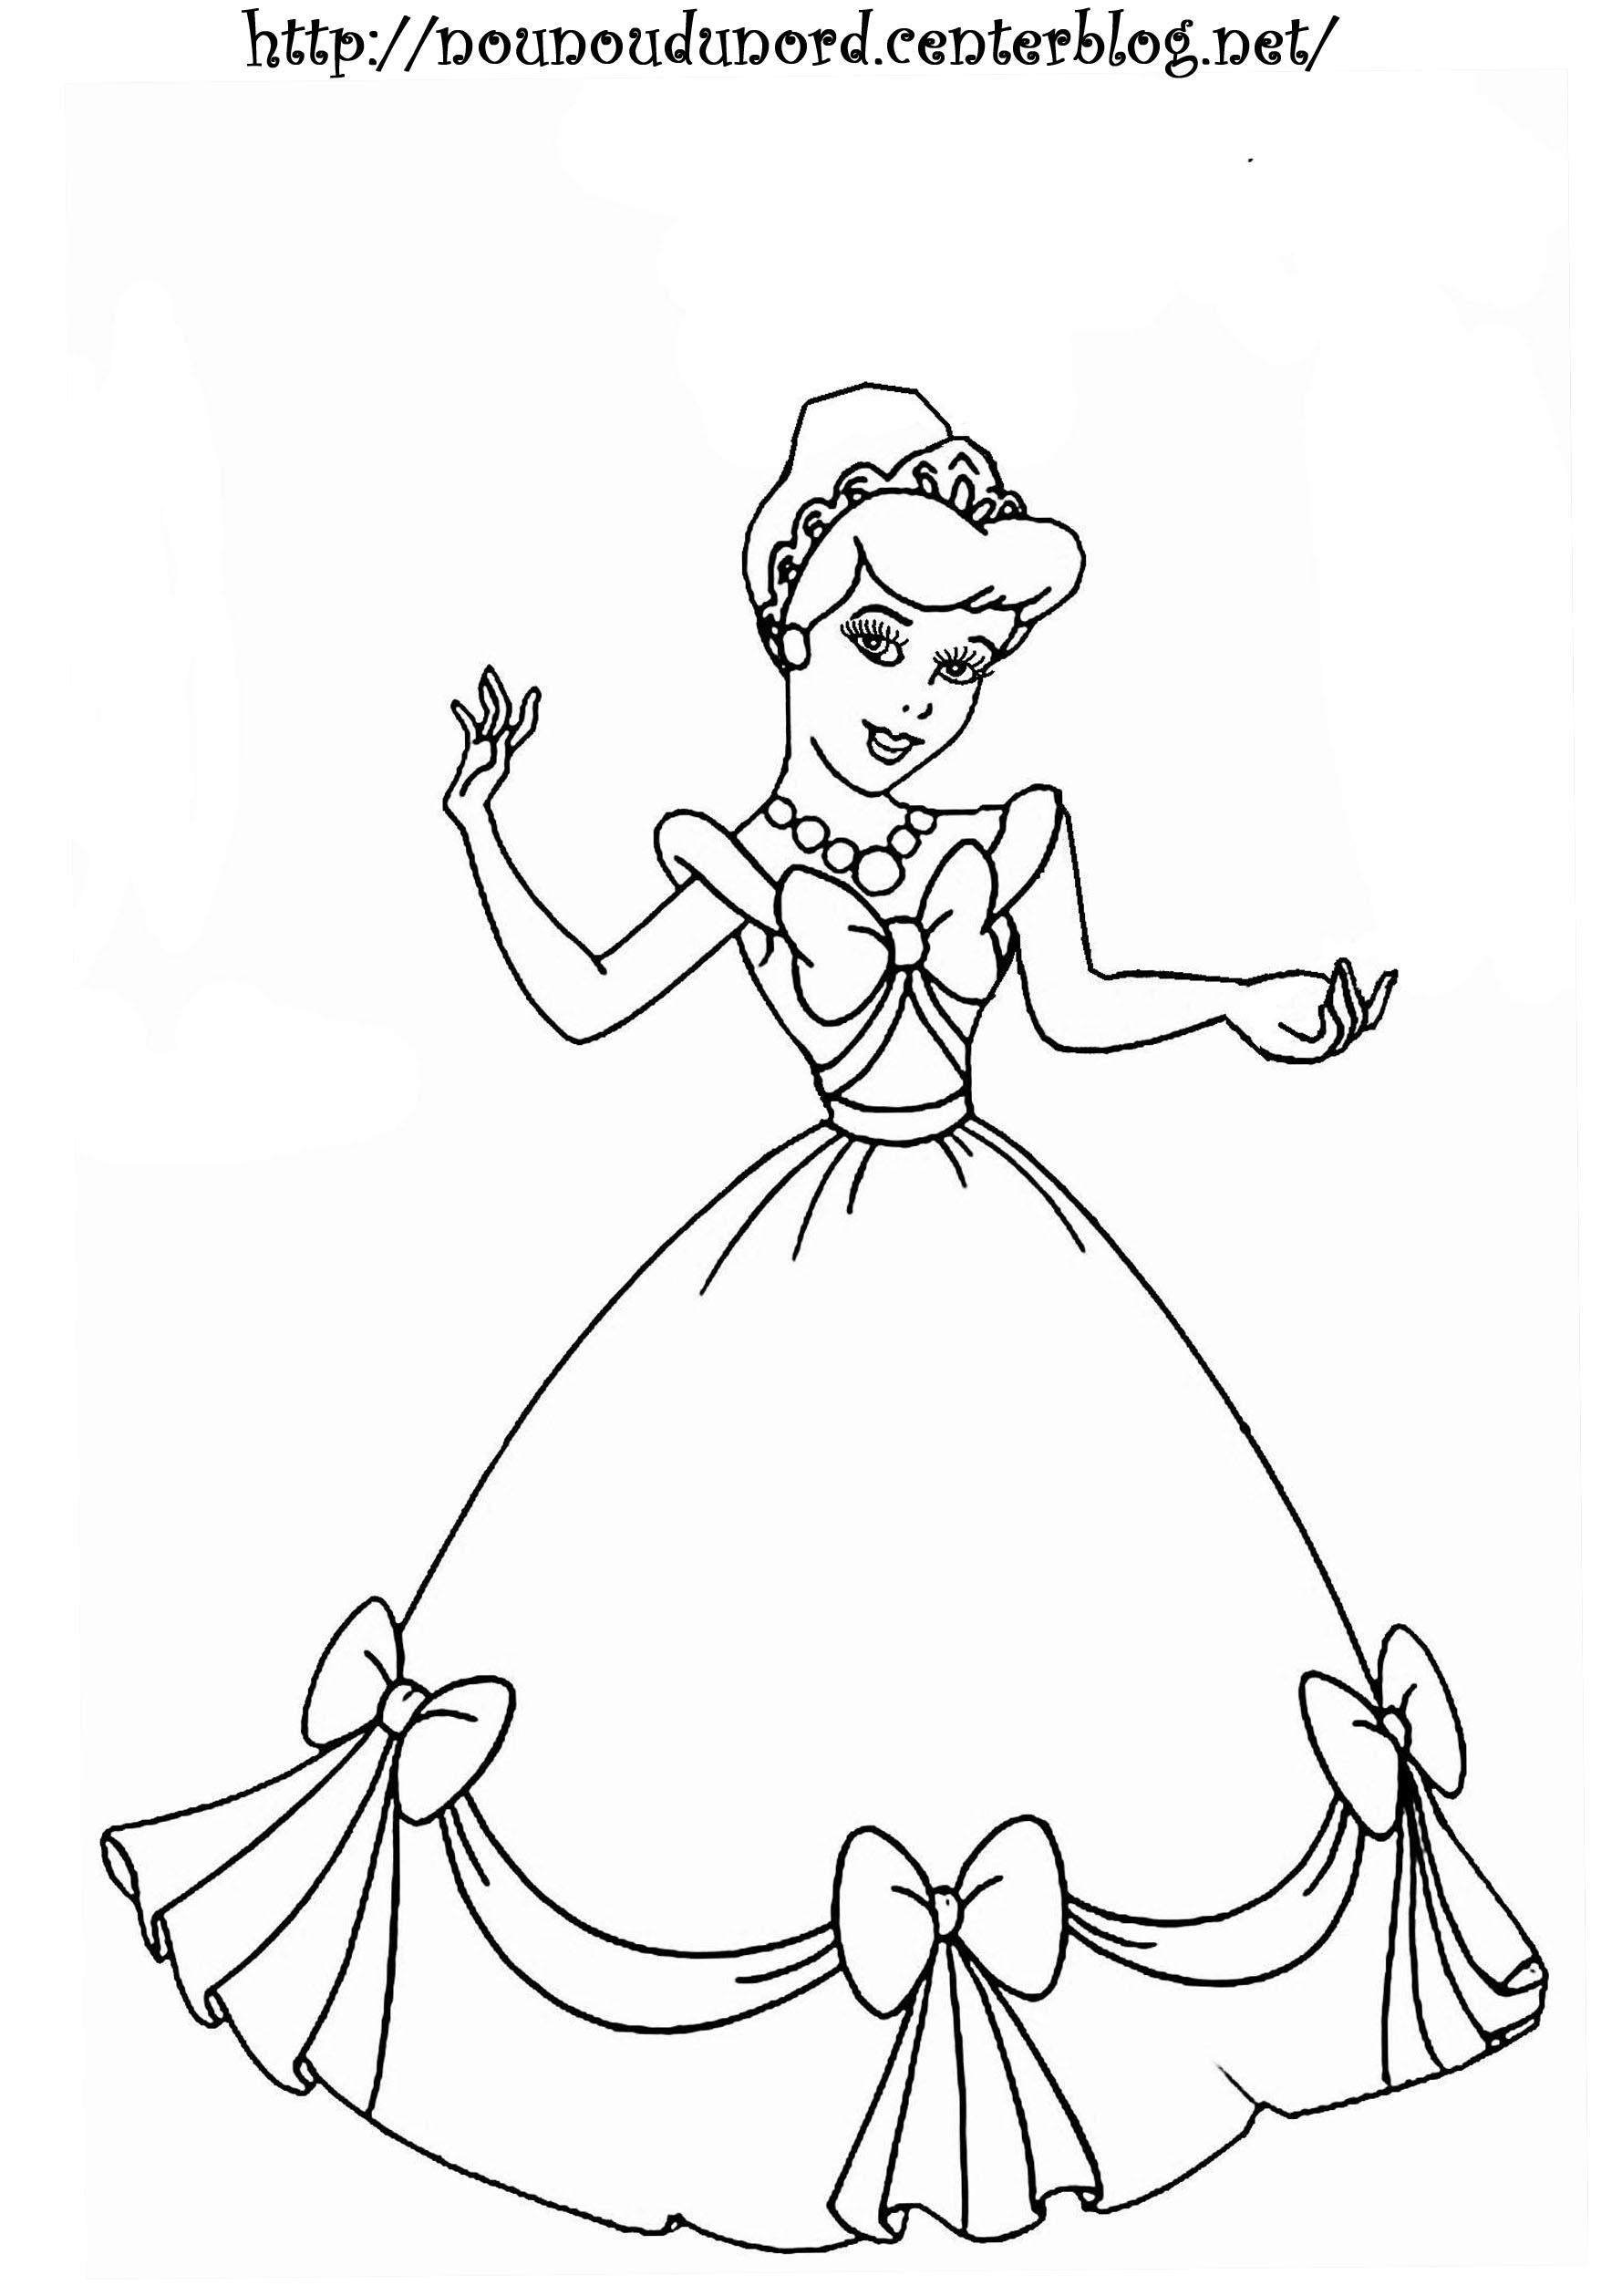 Dessin De Coloriage Princesse À Imprimer - Cp22482 avec Princesse Coloriage